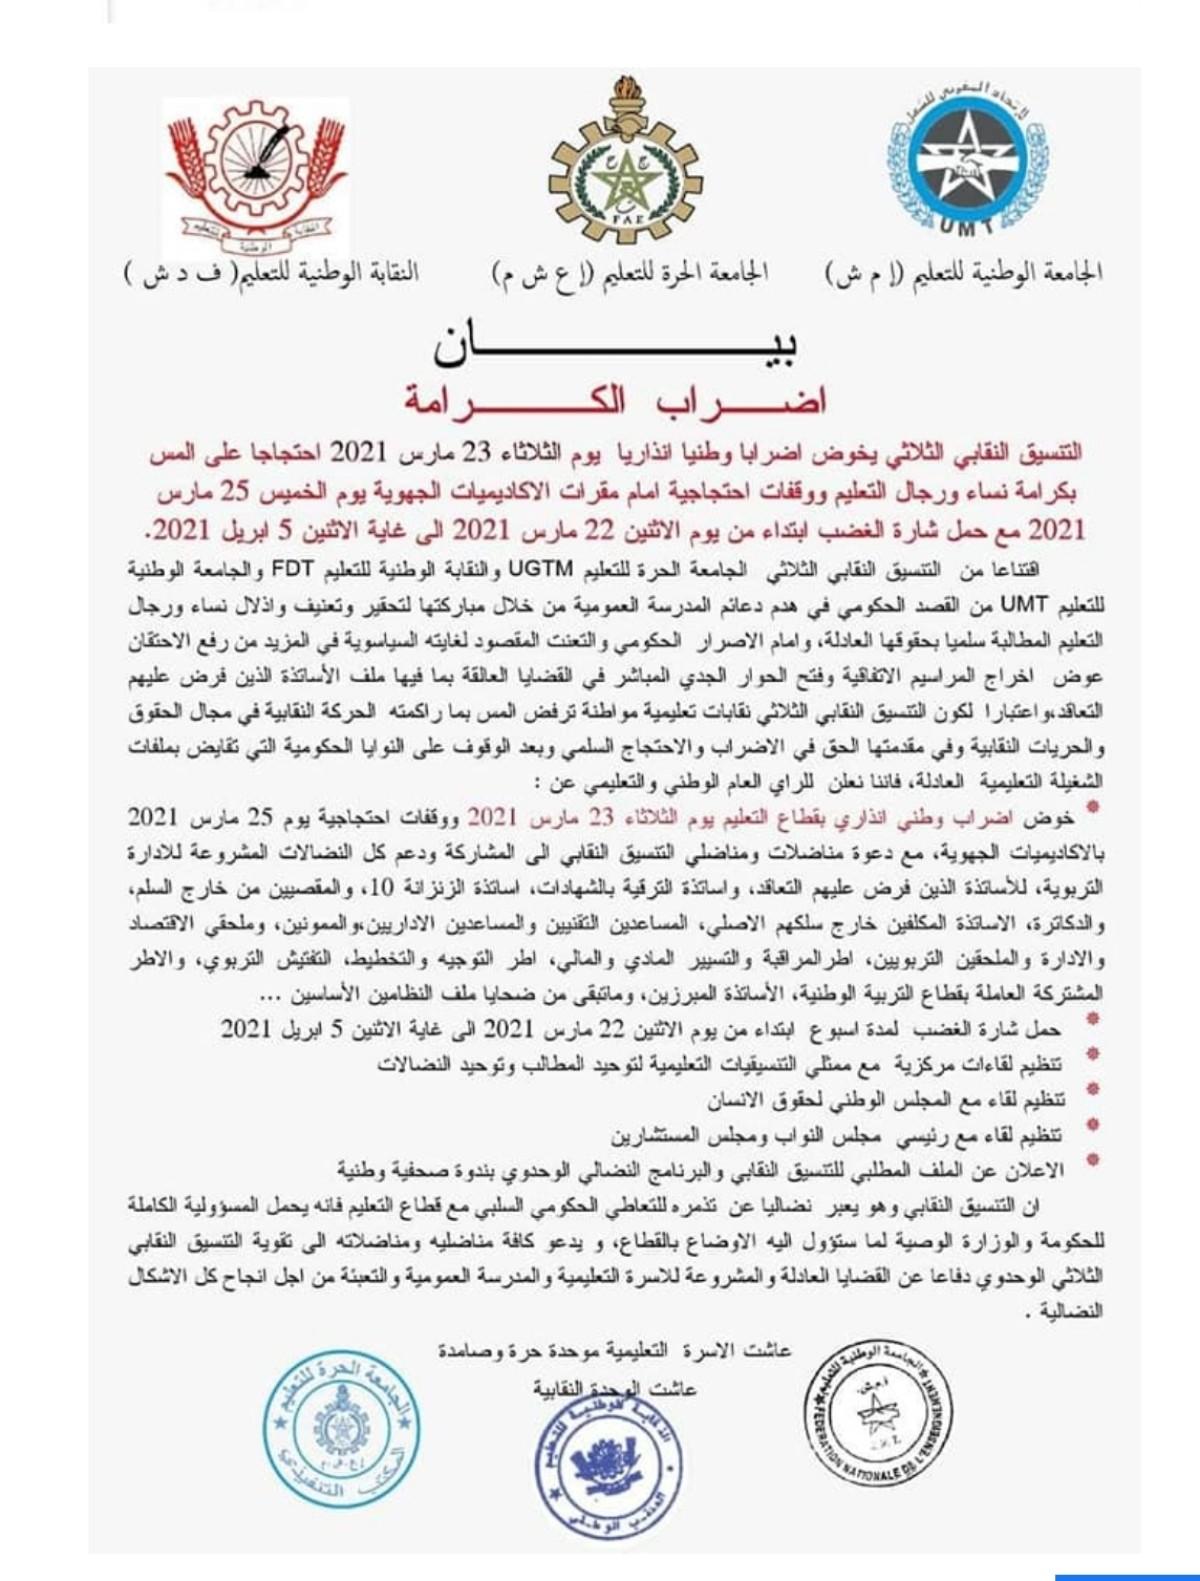 ثلاث نقابات تعليمية تخوض باسم الكرامة اليوم الثلاثاء اضرابا وطنيا ووقفات احتجاجية الخميس